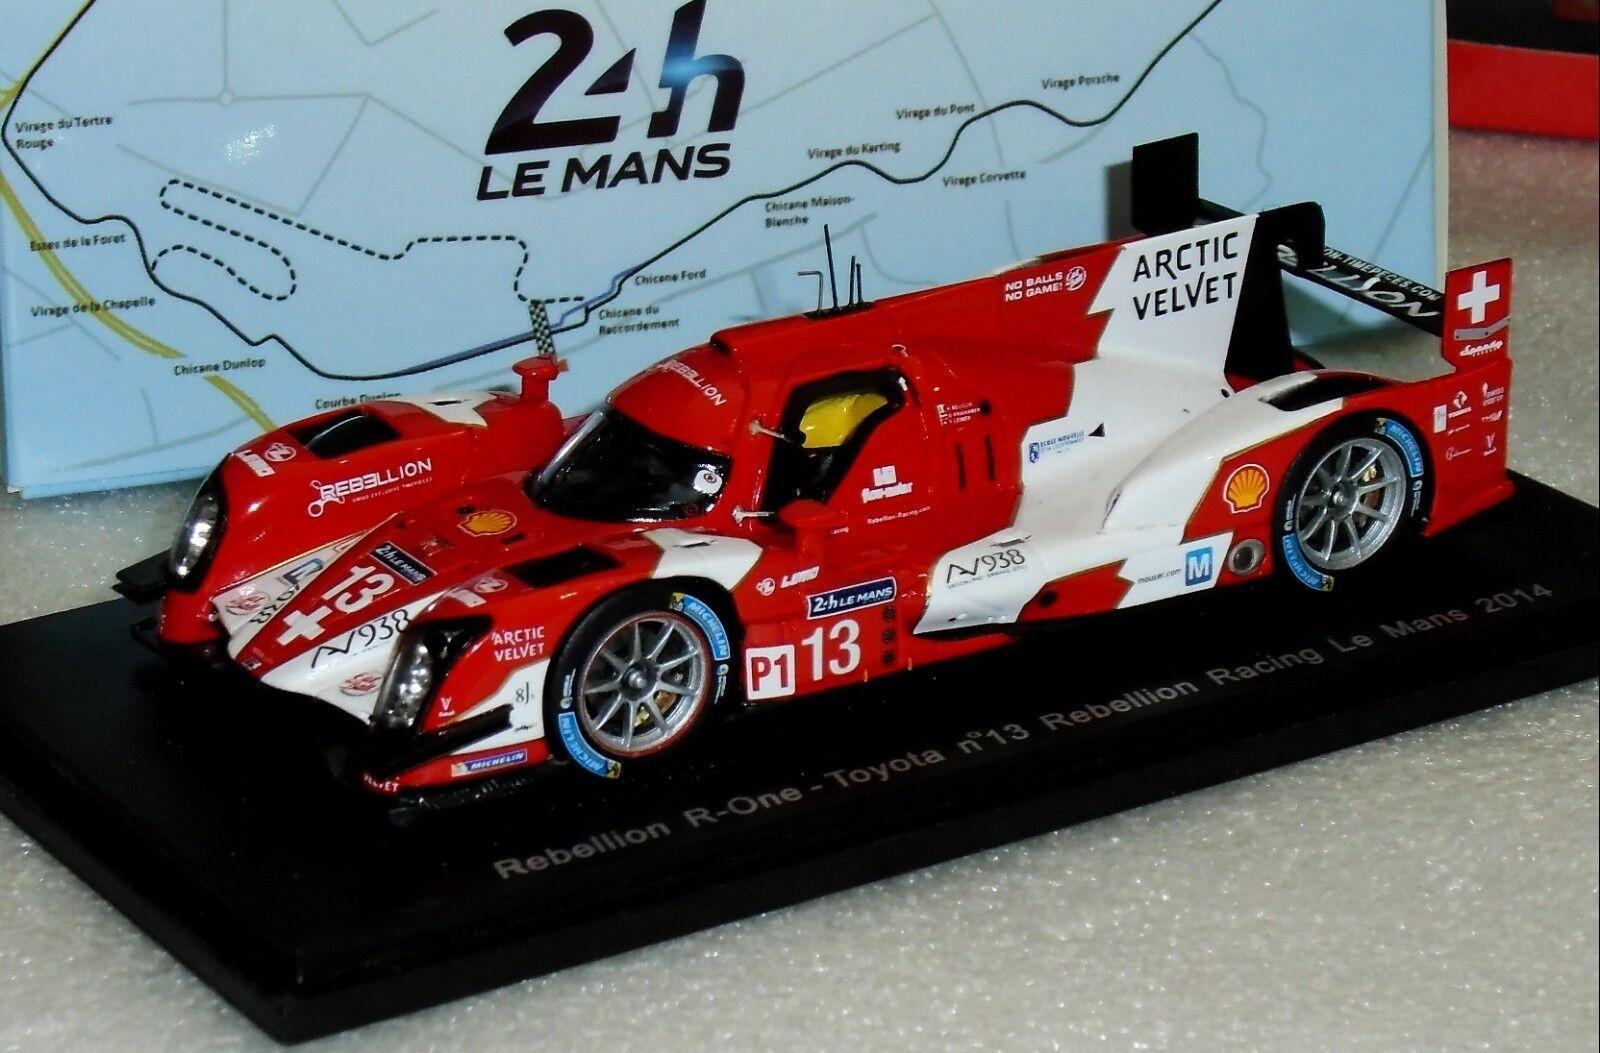 Rebelión R-ONE Toyota Edición Limitada Mans 2014 Spark S4207 1 43